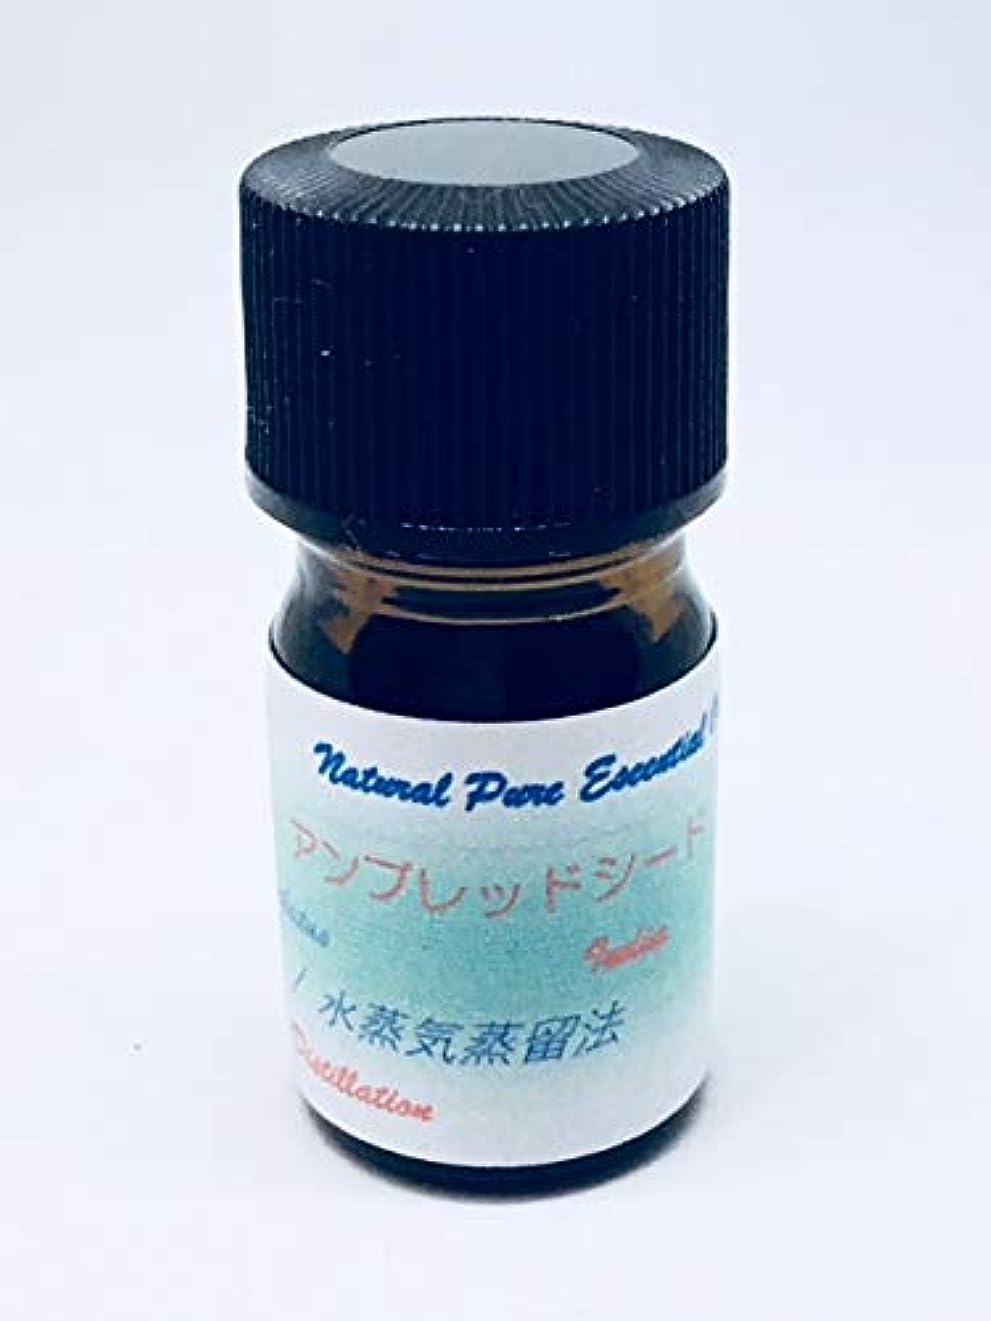 悪名高いミニ行為アンブレッドシード(植物性ムスク)精油 10ml100%ピュアエッセンシャル